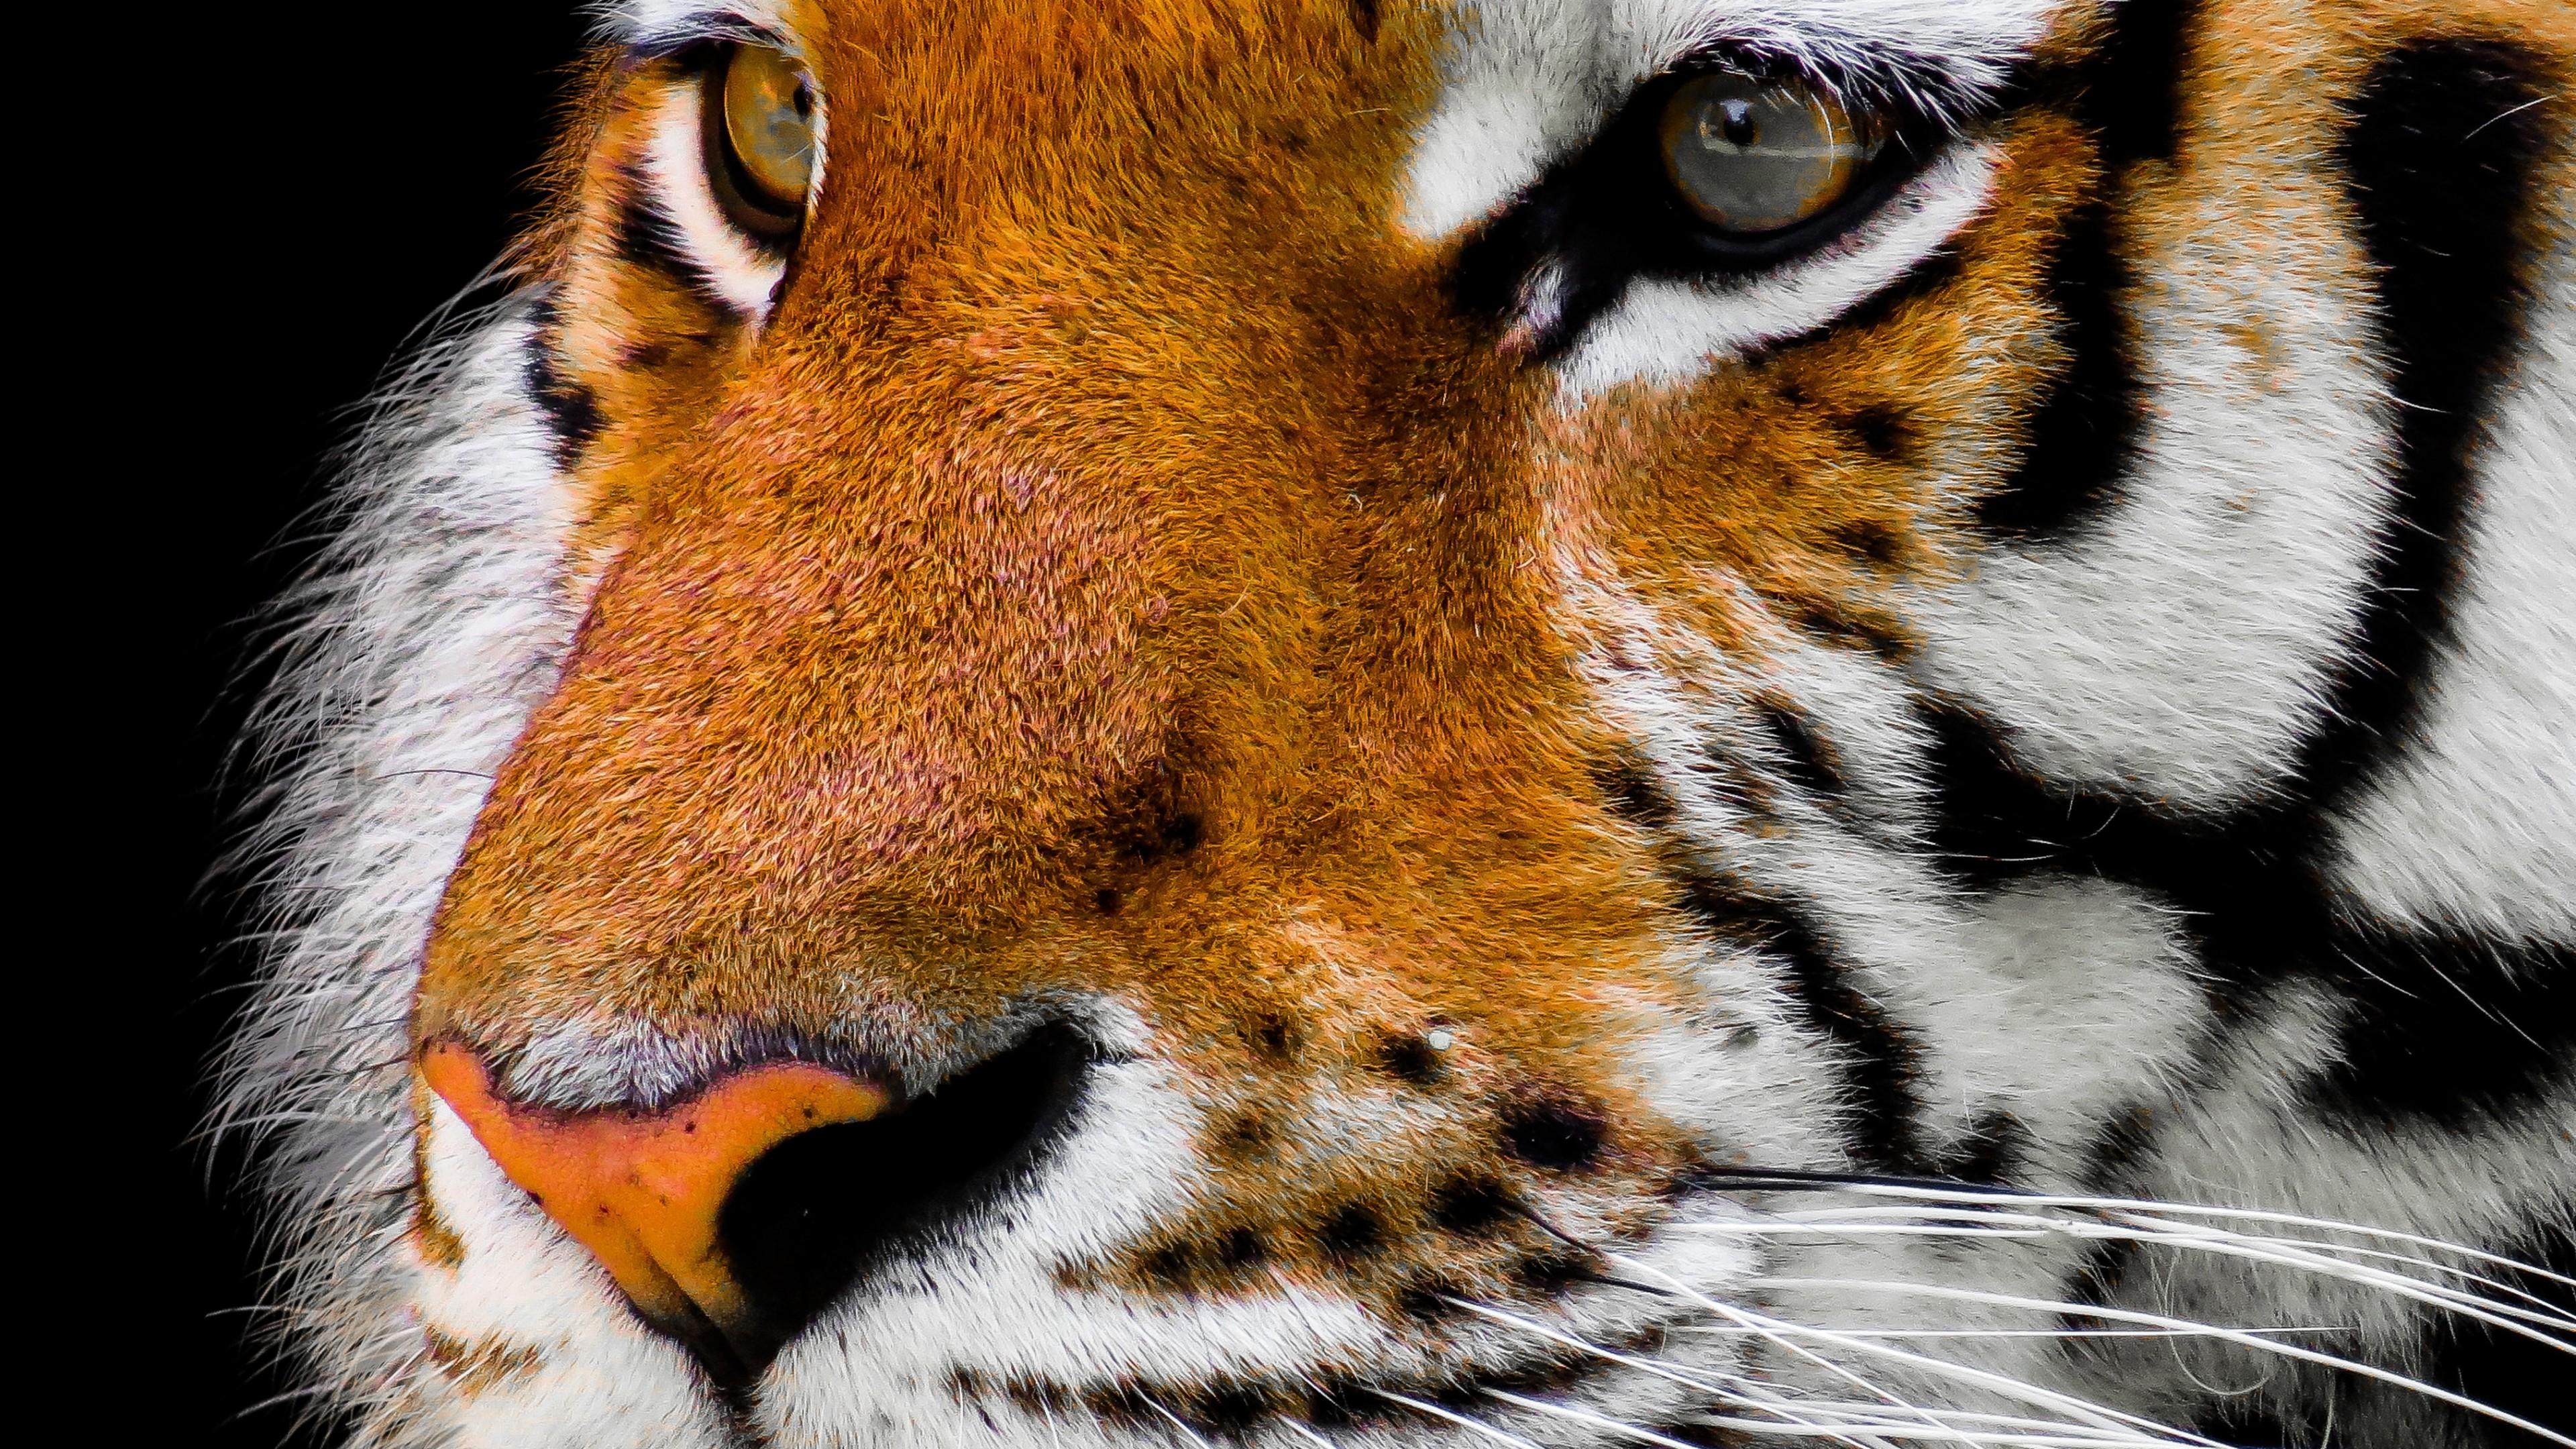 Wallpaper tiger, cute animals, 4k, Animals #16738